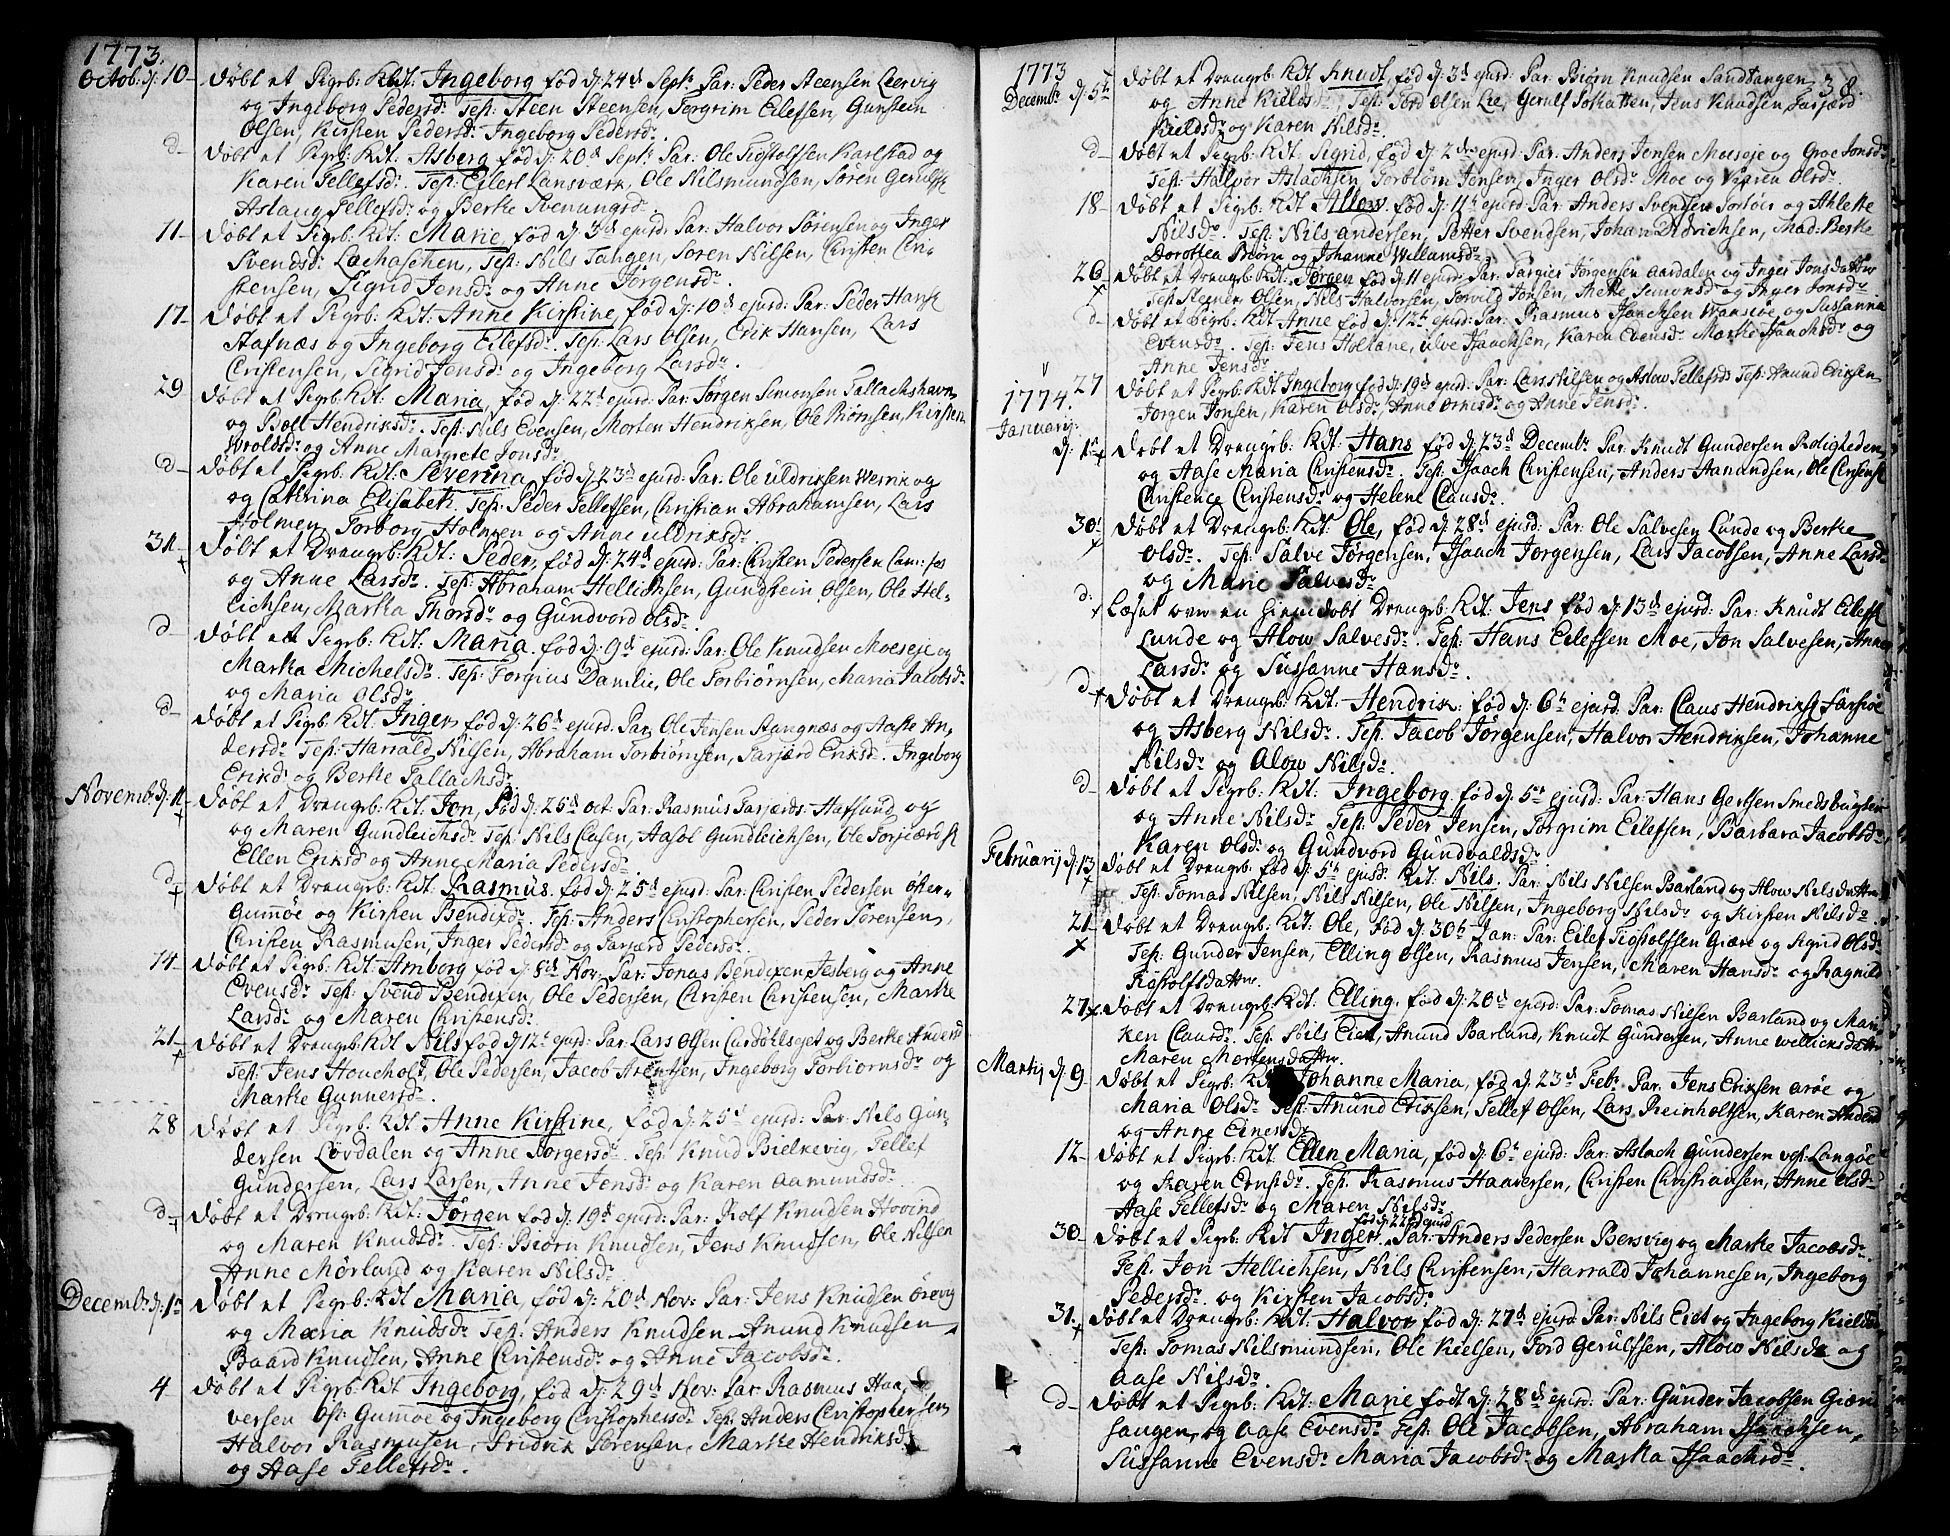 SAKO, Sannidal kirkebøker, F/Fa/L0002: Ministerialbok nr. 2, 1767-1802, s. 38